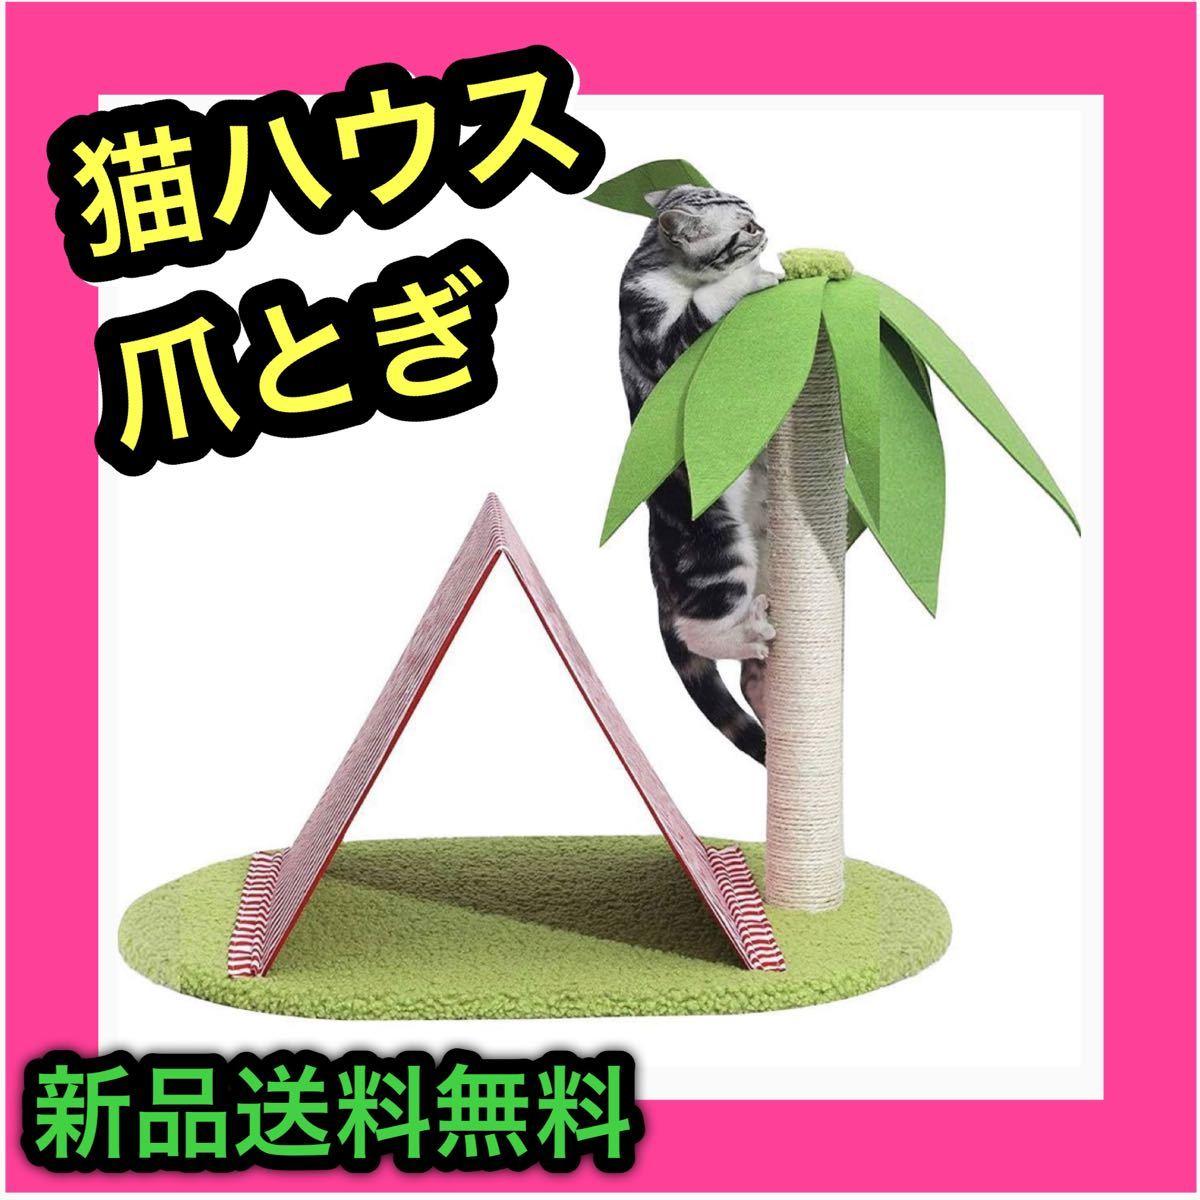 キャットタワー キャットハウス 猫爪とぎ 可愛い ねこタワー